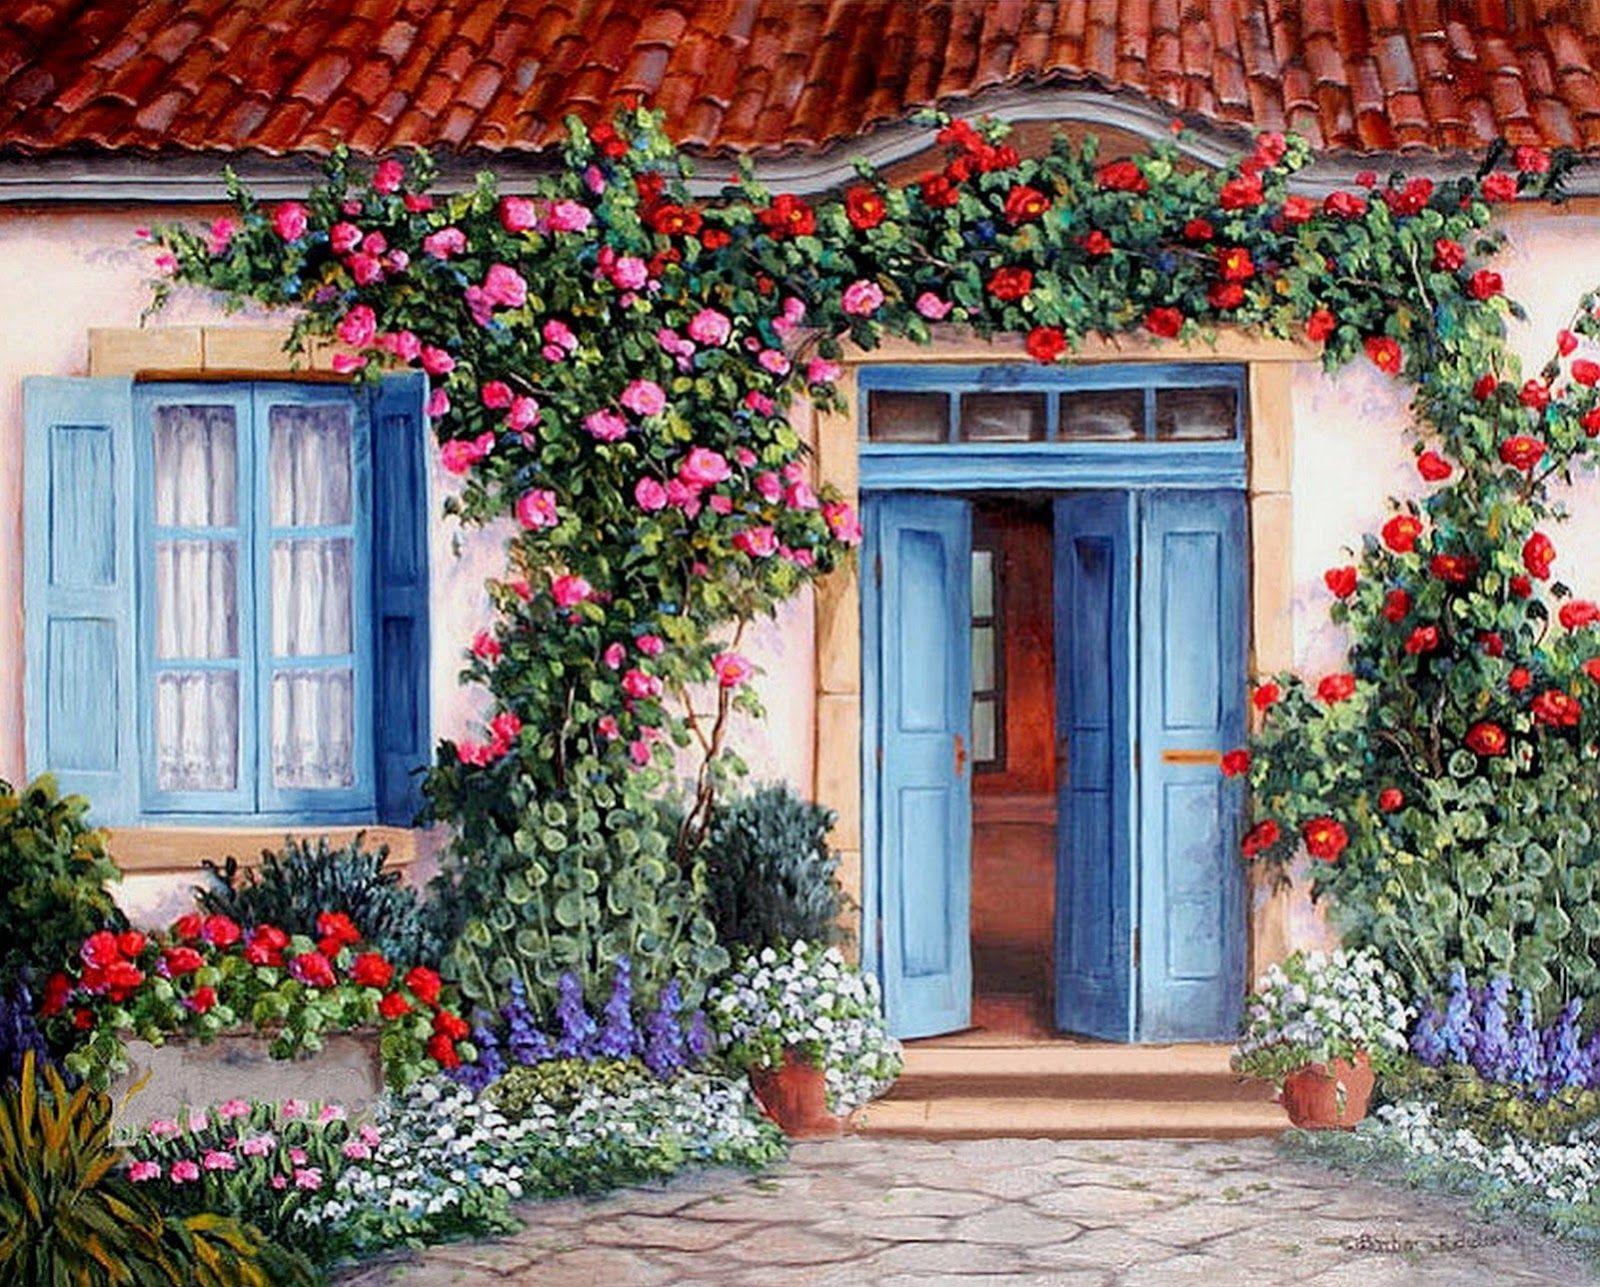 Cuadros de casas con jardines jardines bonitos for Casas con jardines bonitos